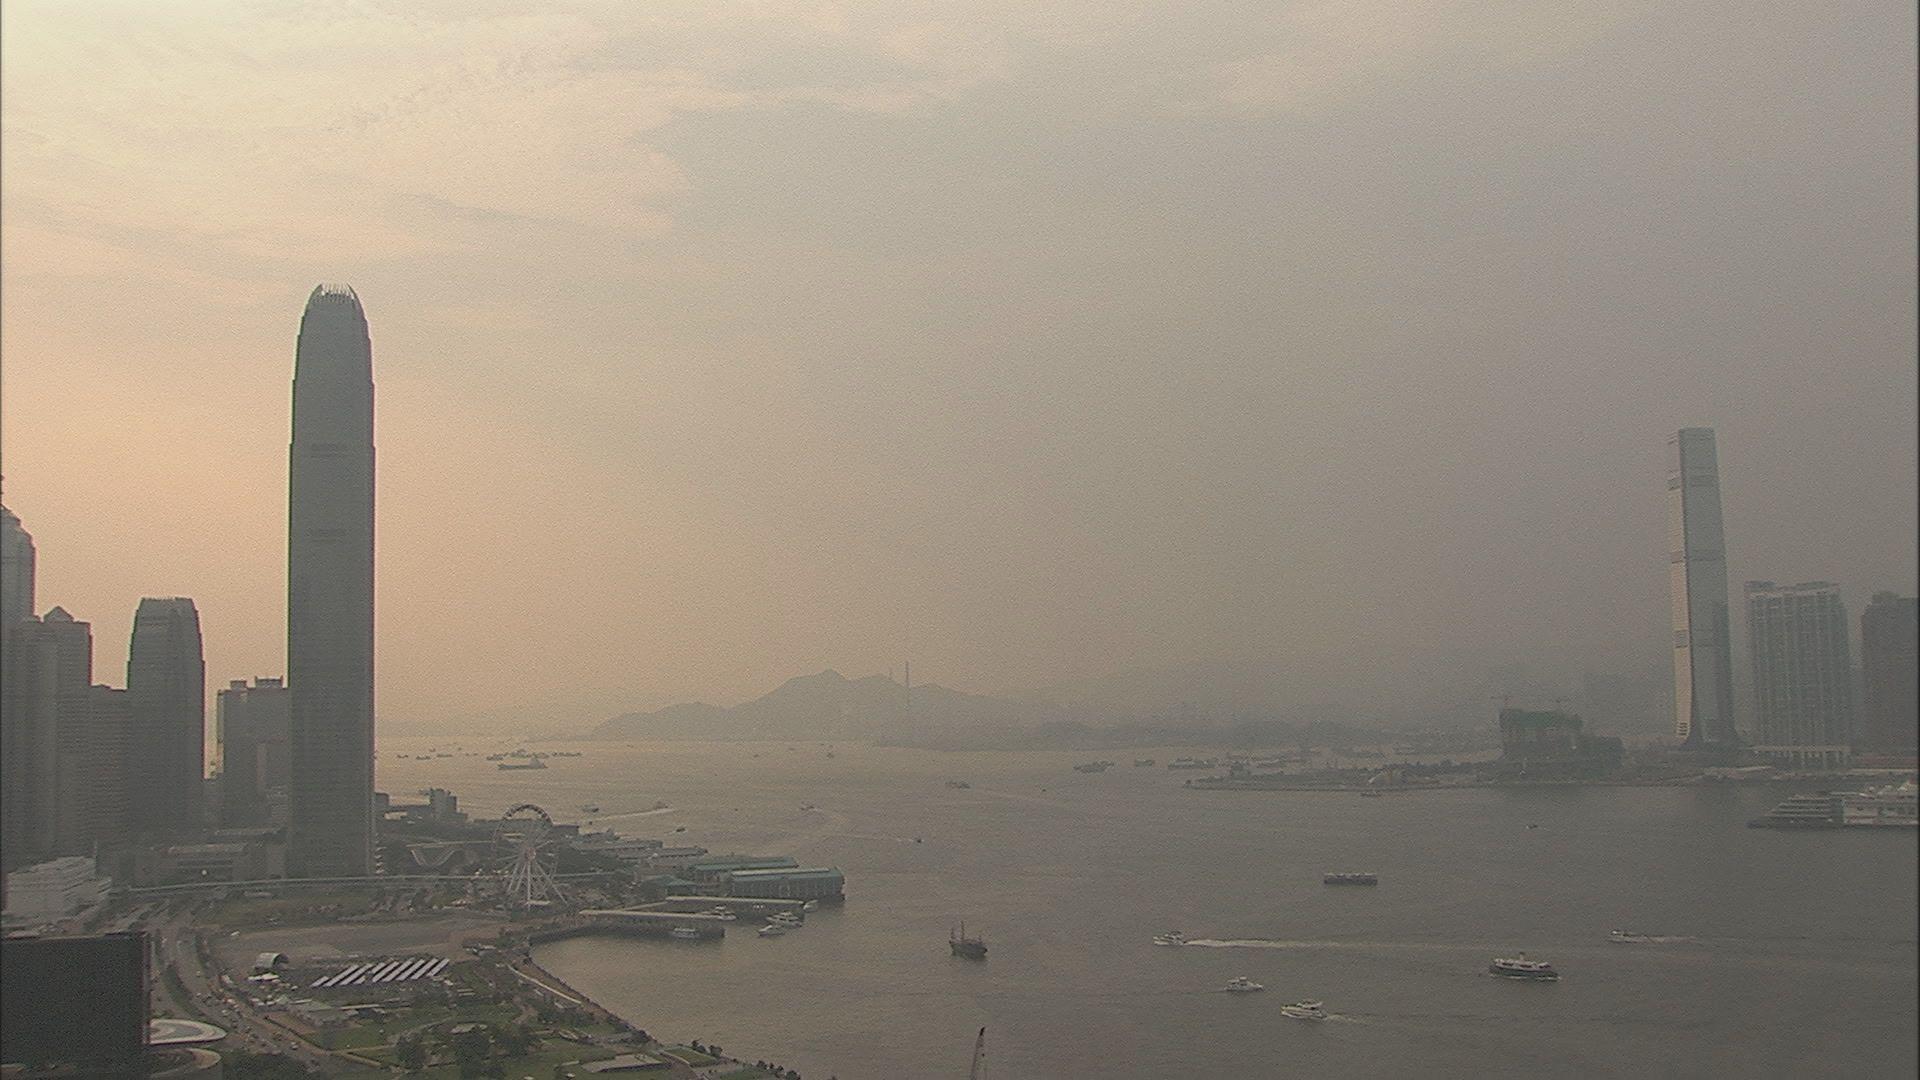 環保署料空氣污染影響持續至下周初